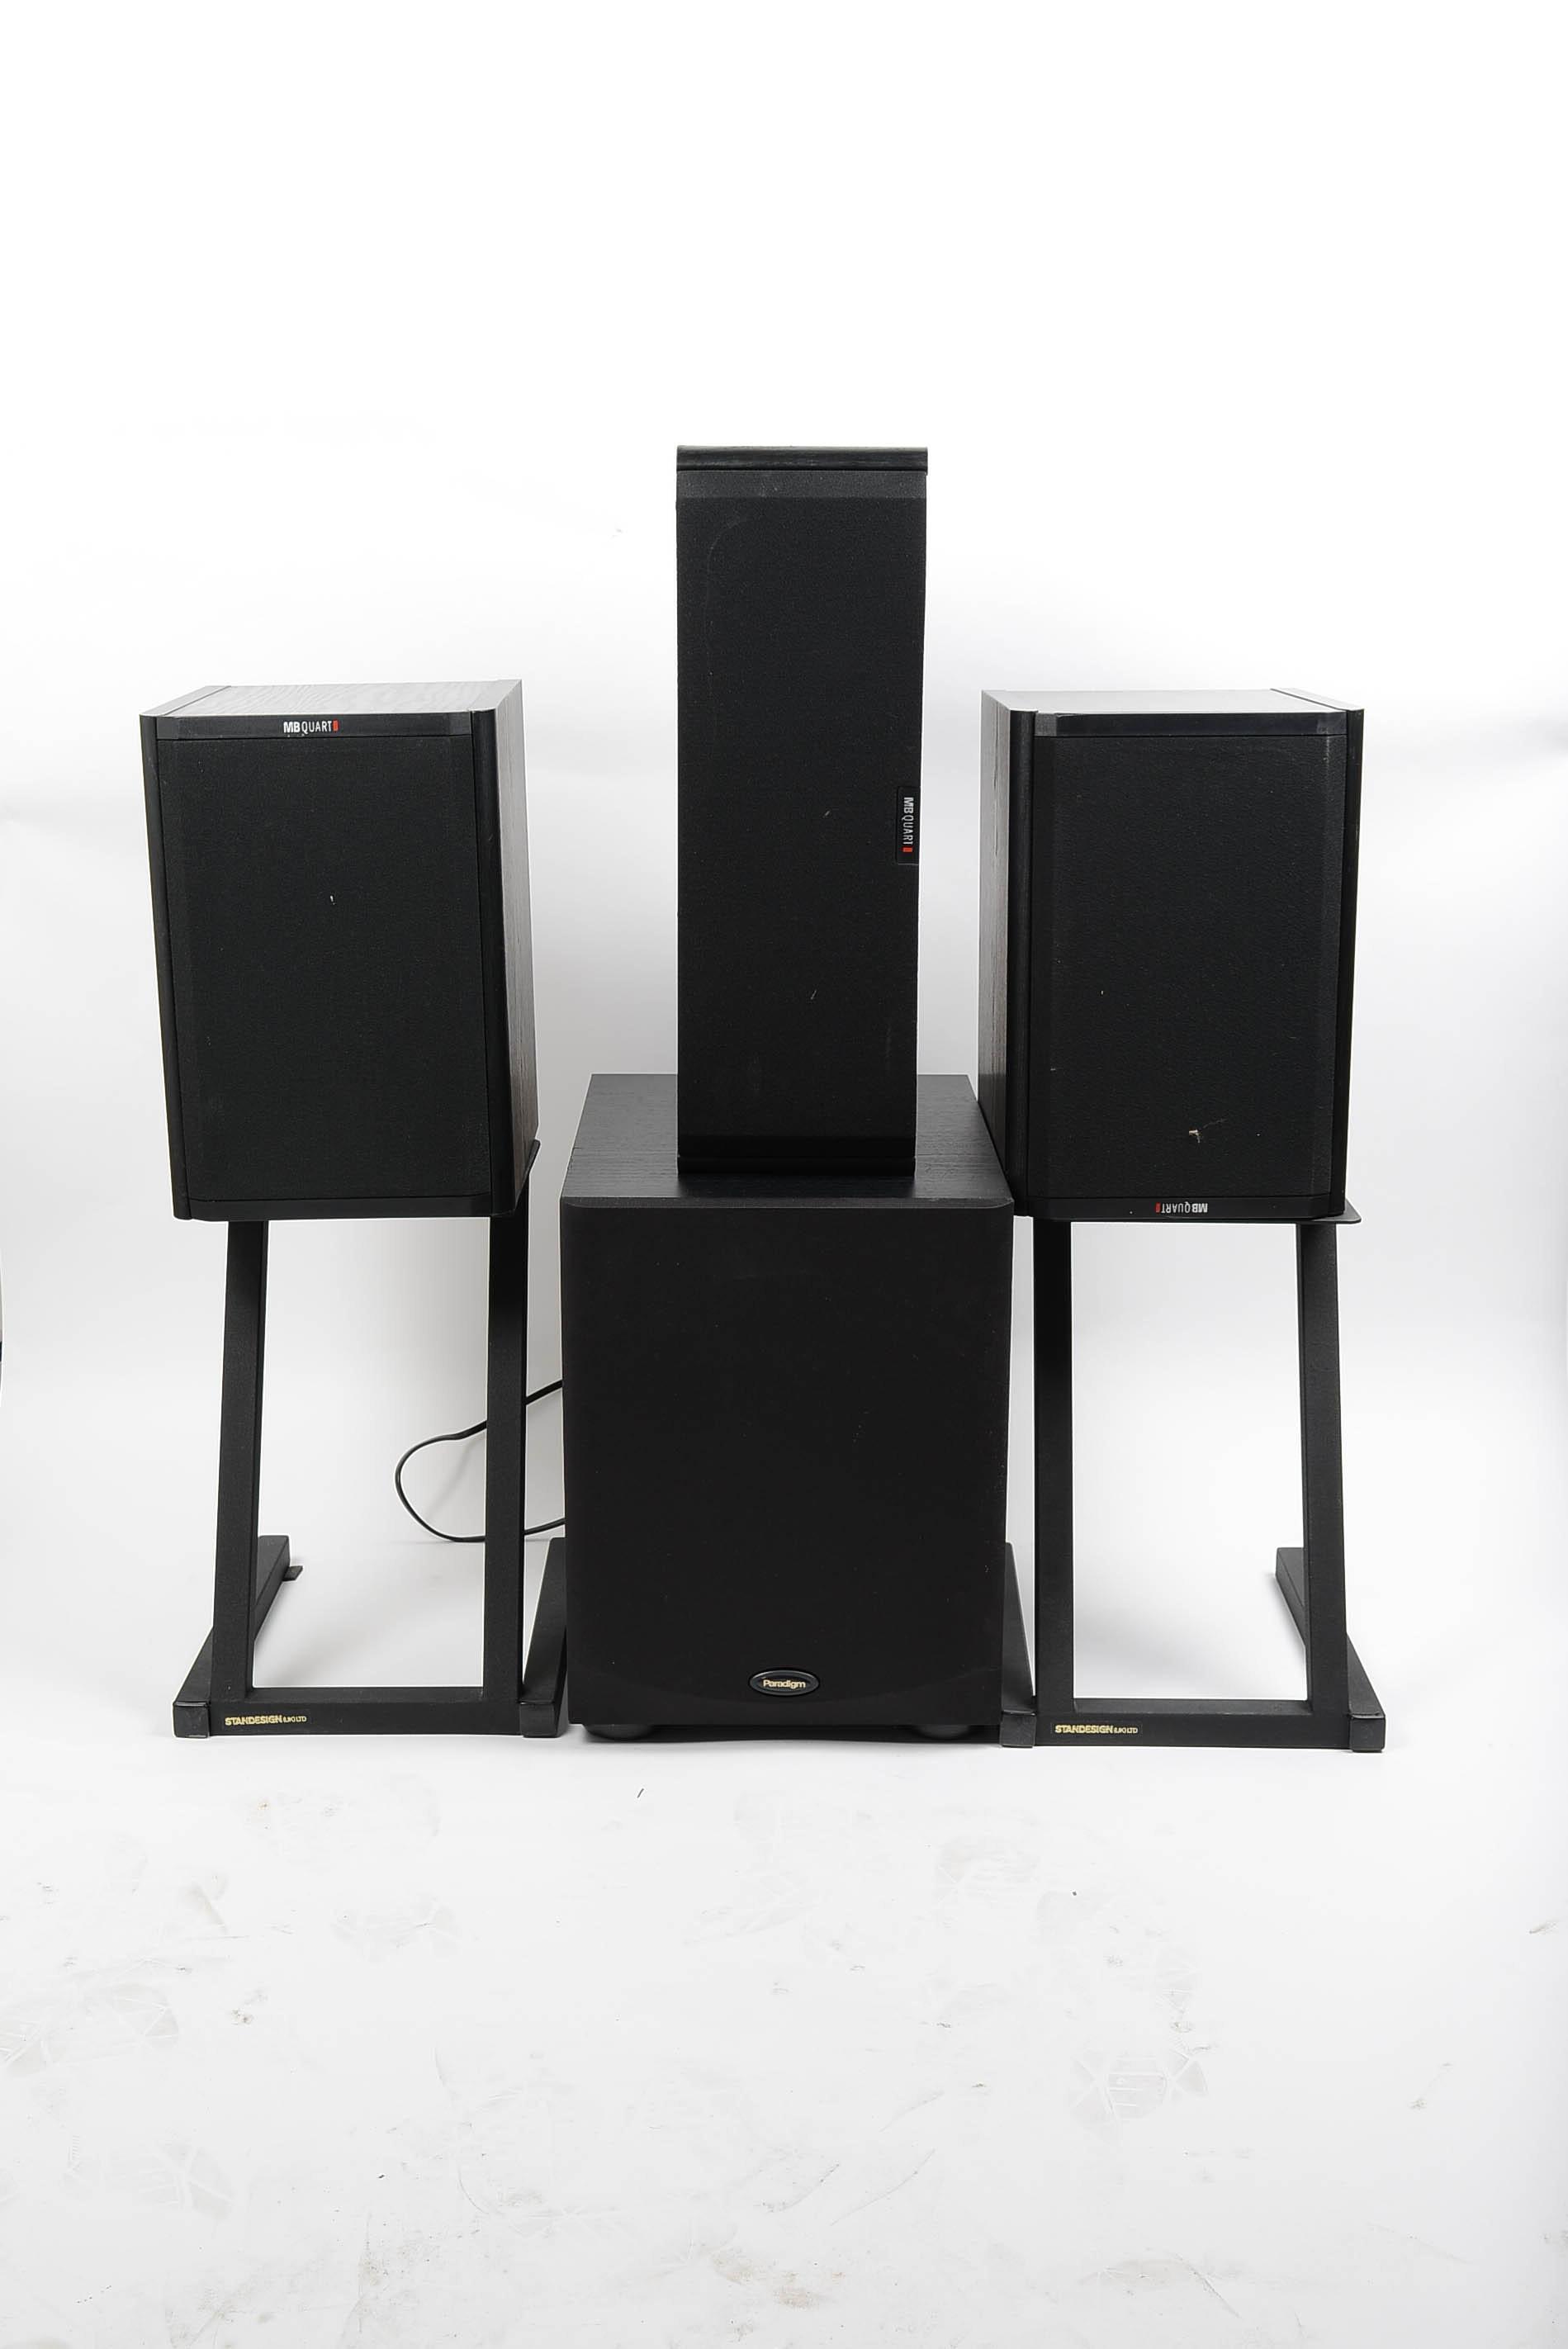 MB Quart Speakers and Paradigm Subwoofer